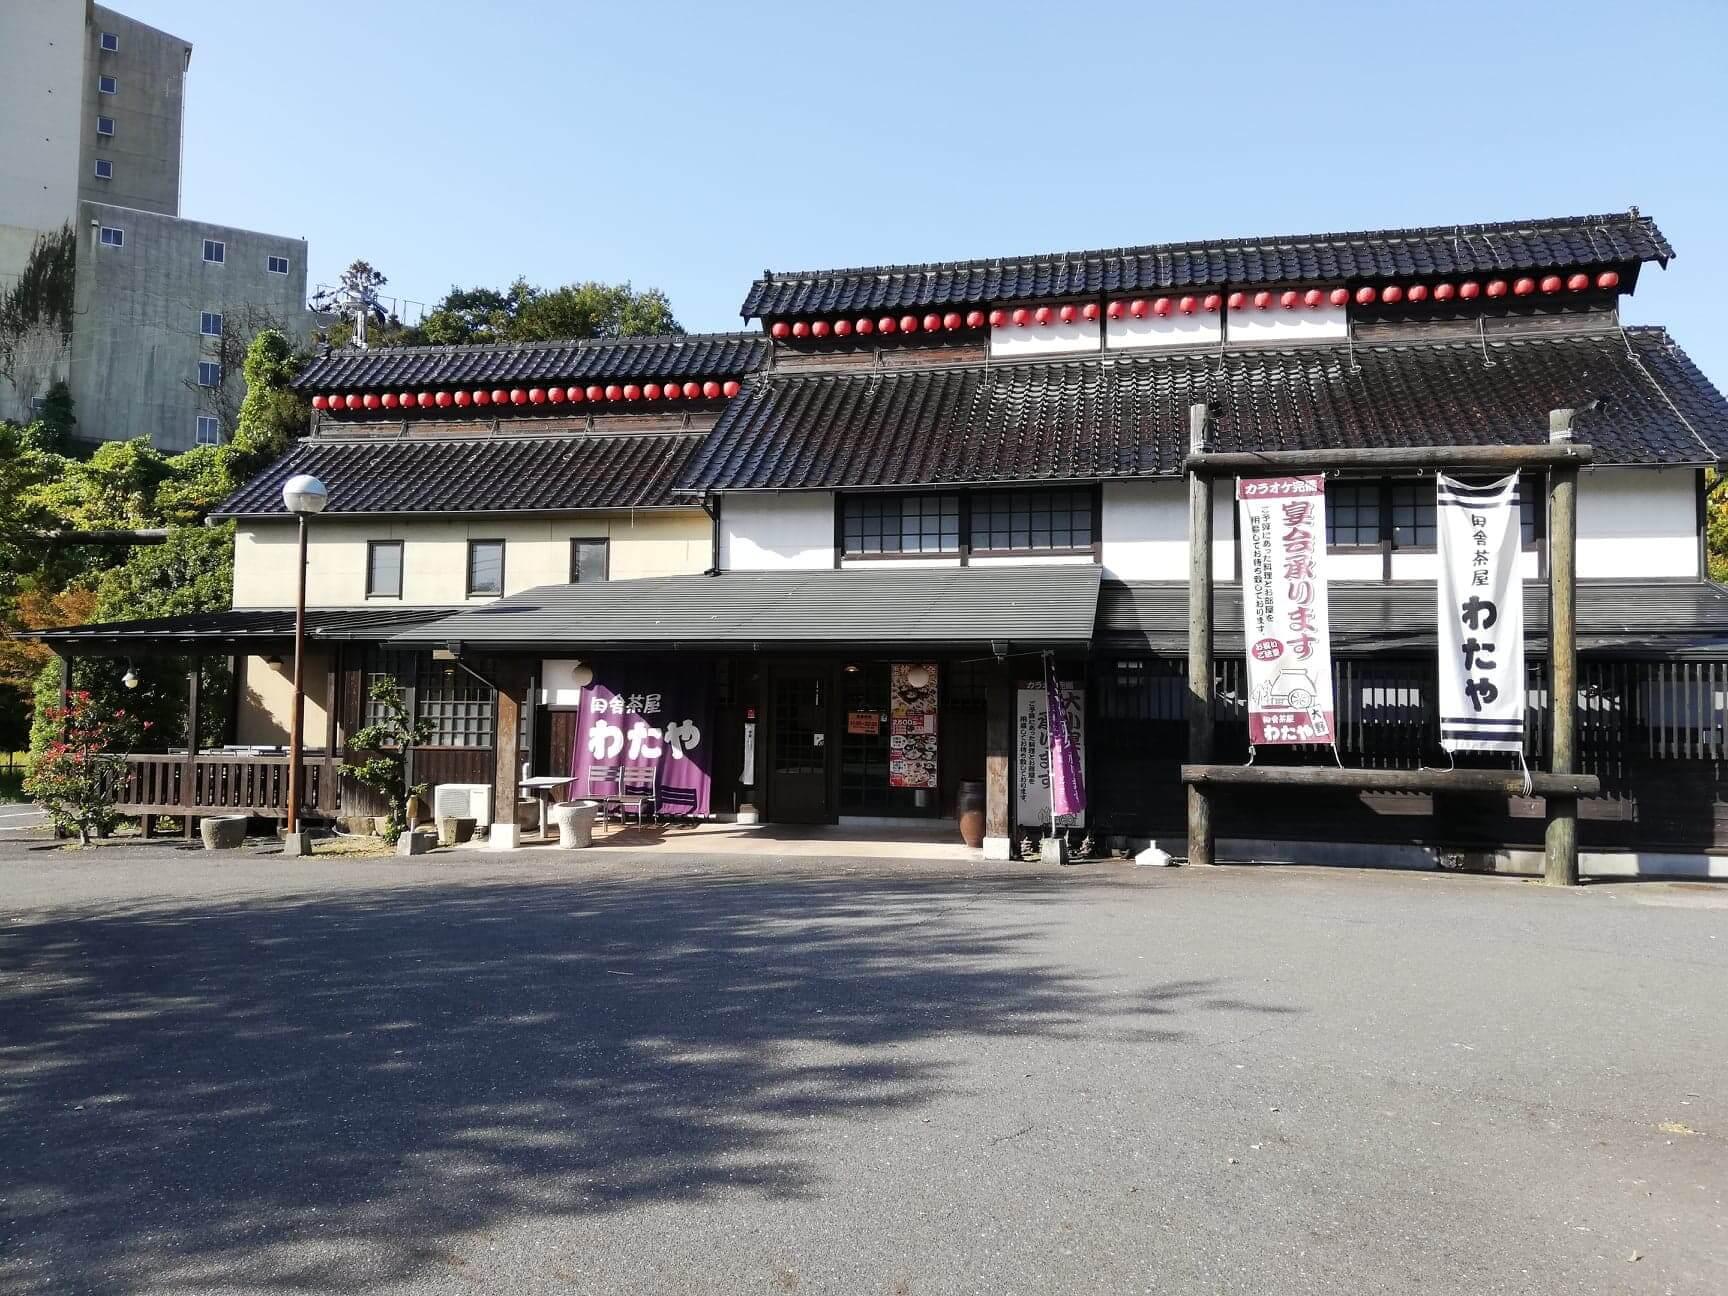 広島県の前空駅『田舎茶屋わたや大野店』の外観写真